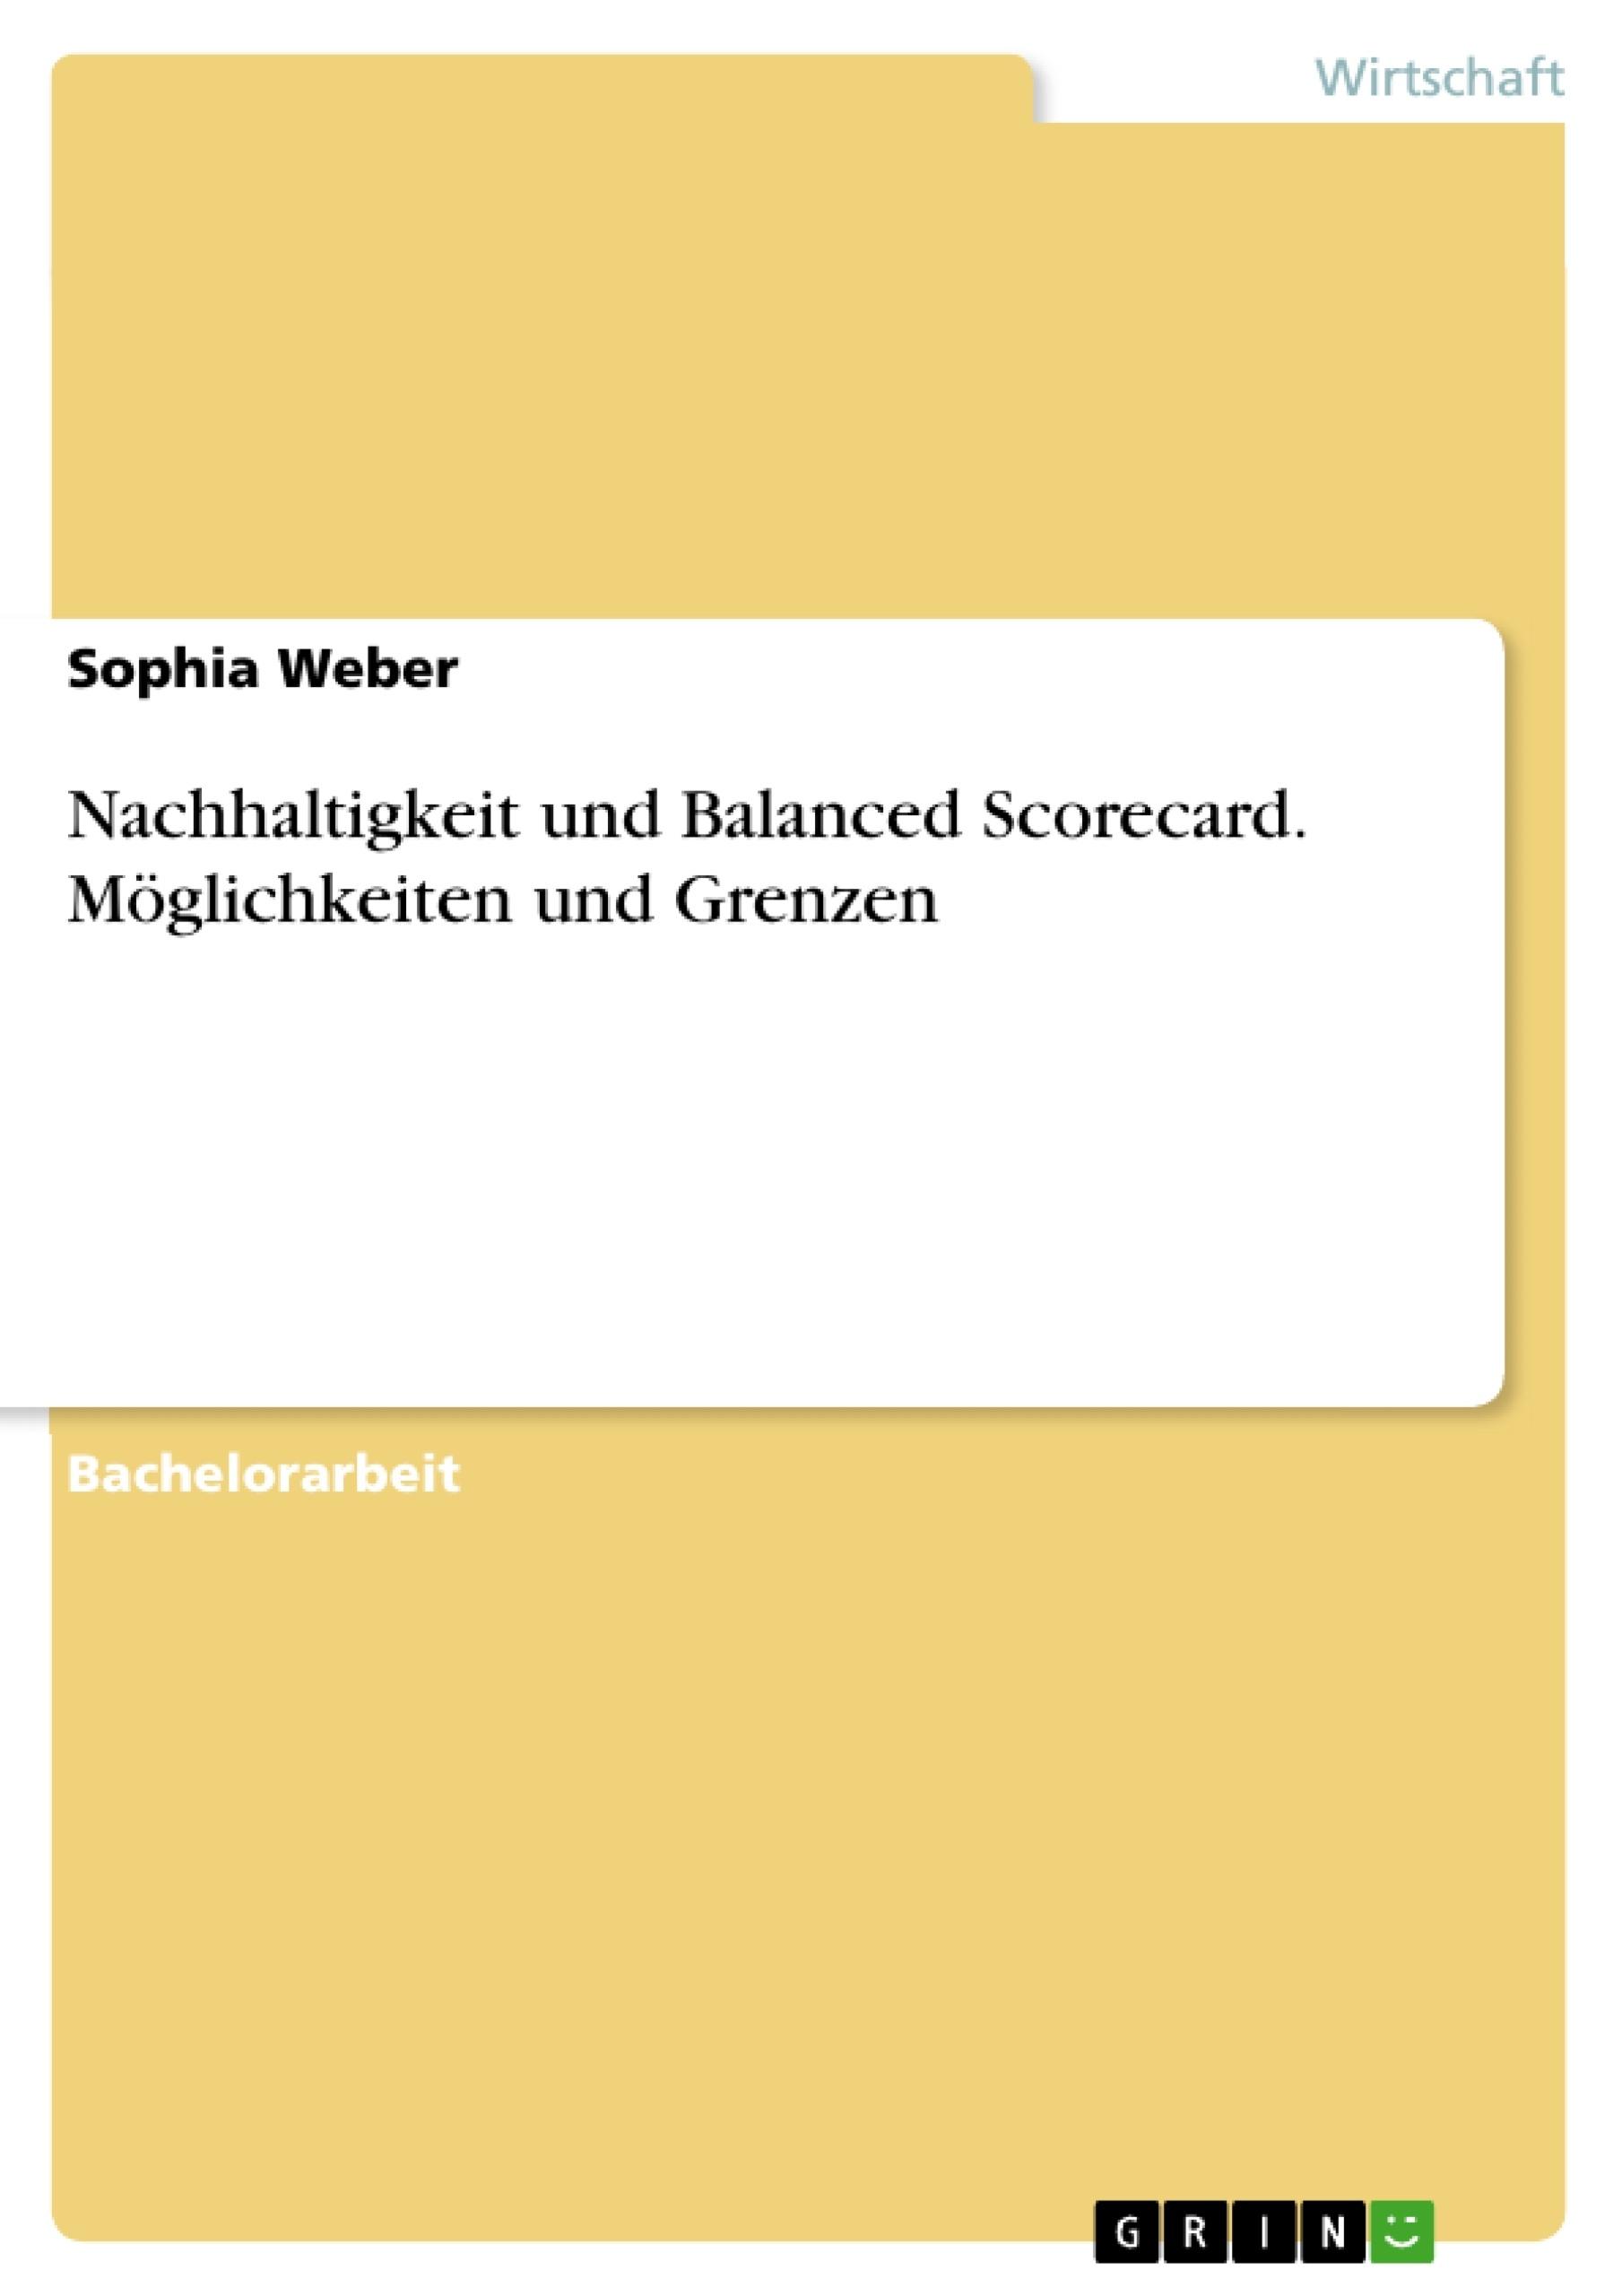 Titel: Nachhaltigkeit und Balanced Scorecard. Möglichkeiten und Grenzen